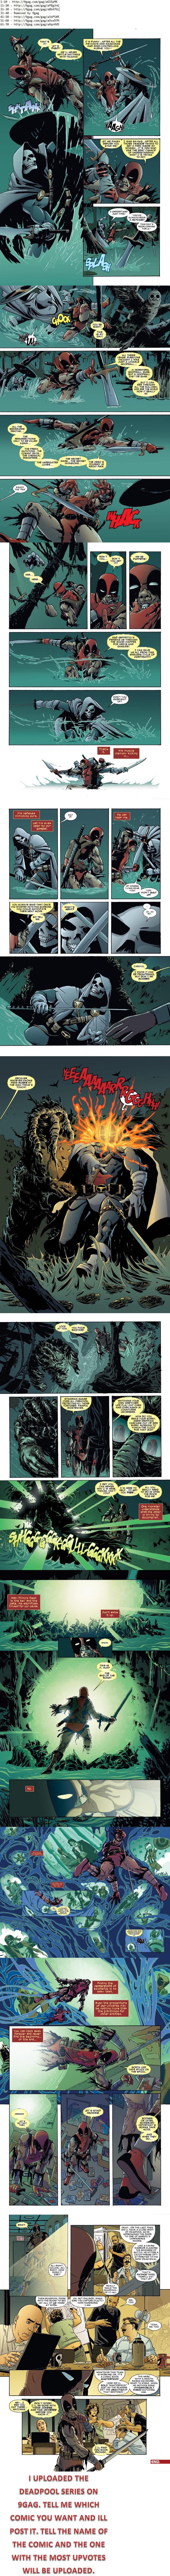 Deadpool Kills The Marvel Universe 71-80(80)